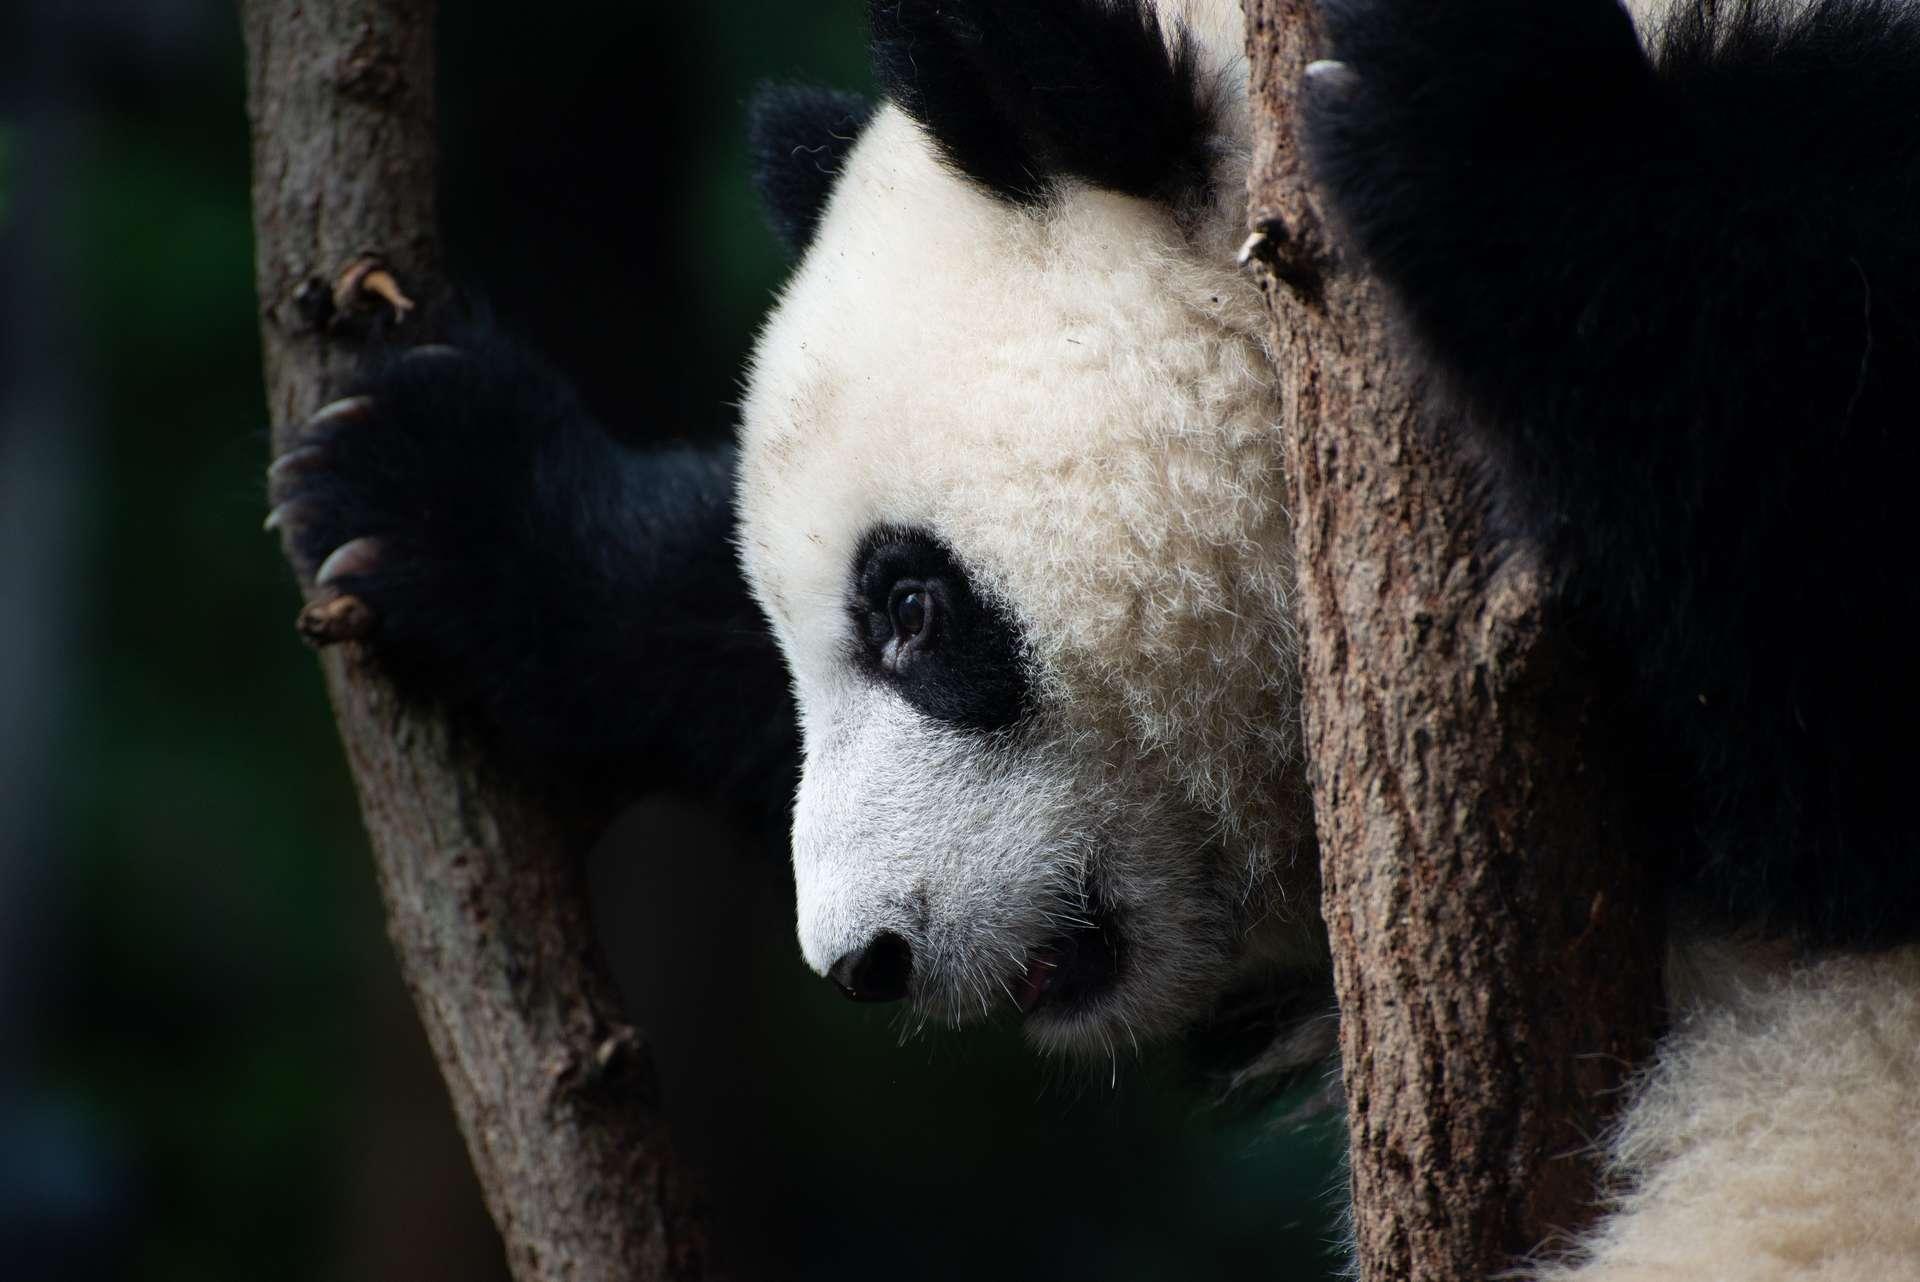 Endémique de la Chine, le panda géant est classé « espèce vulnérable » par l'UICN. © Edward, Adobe Stock